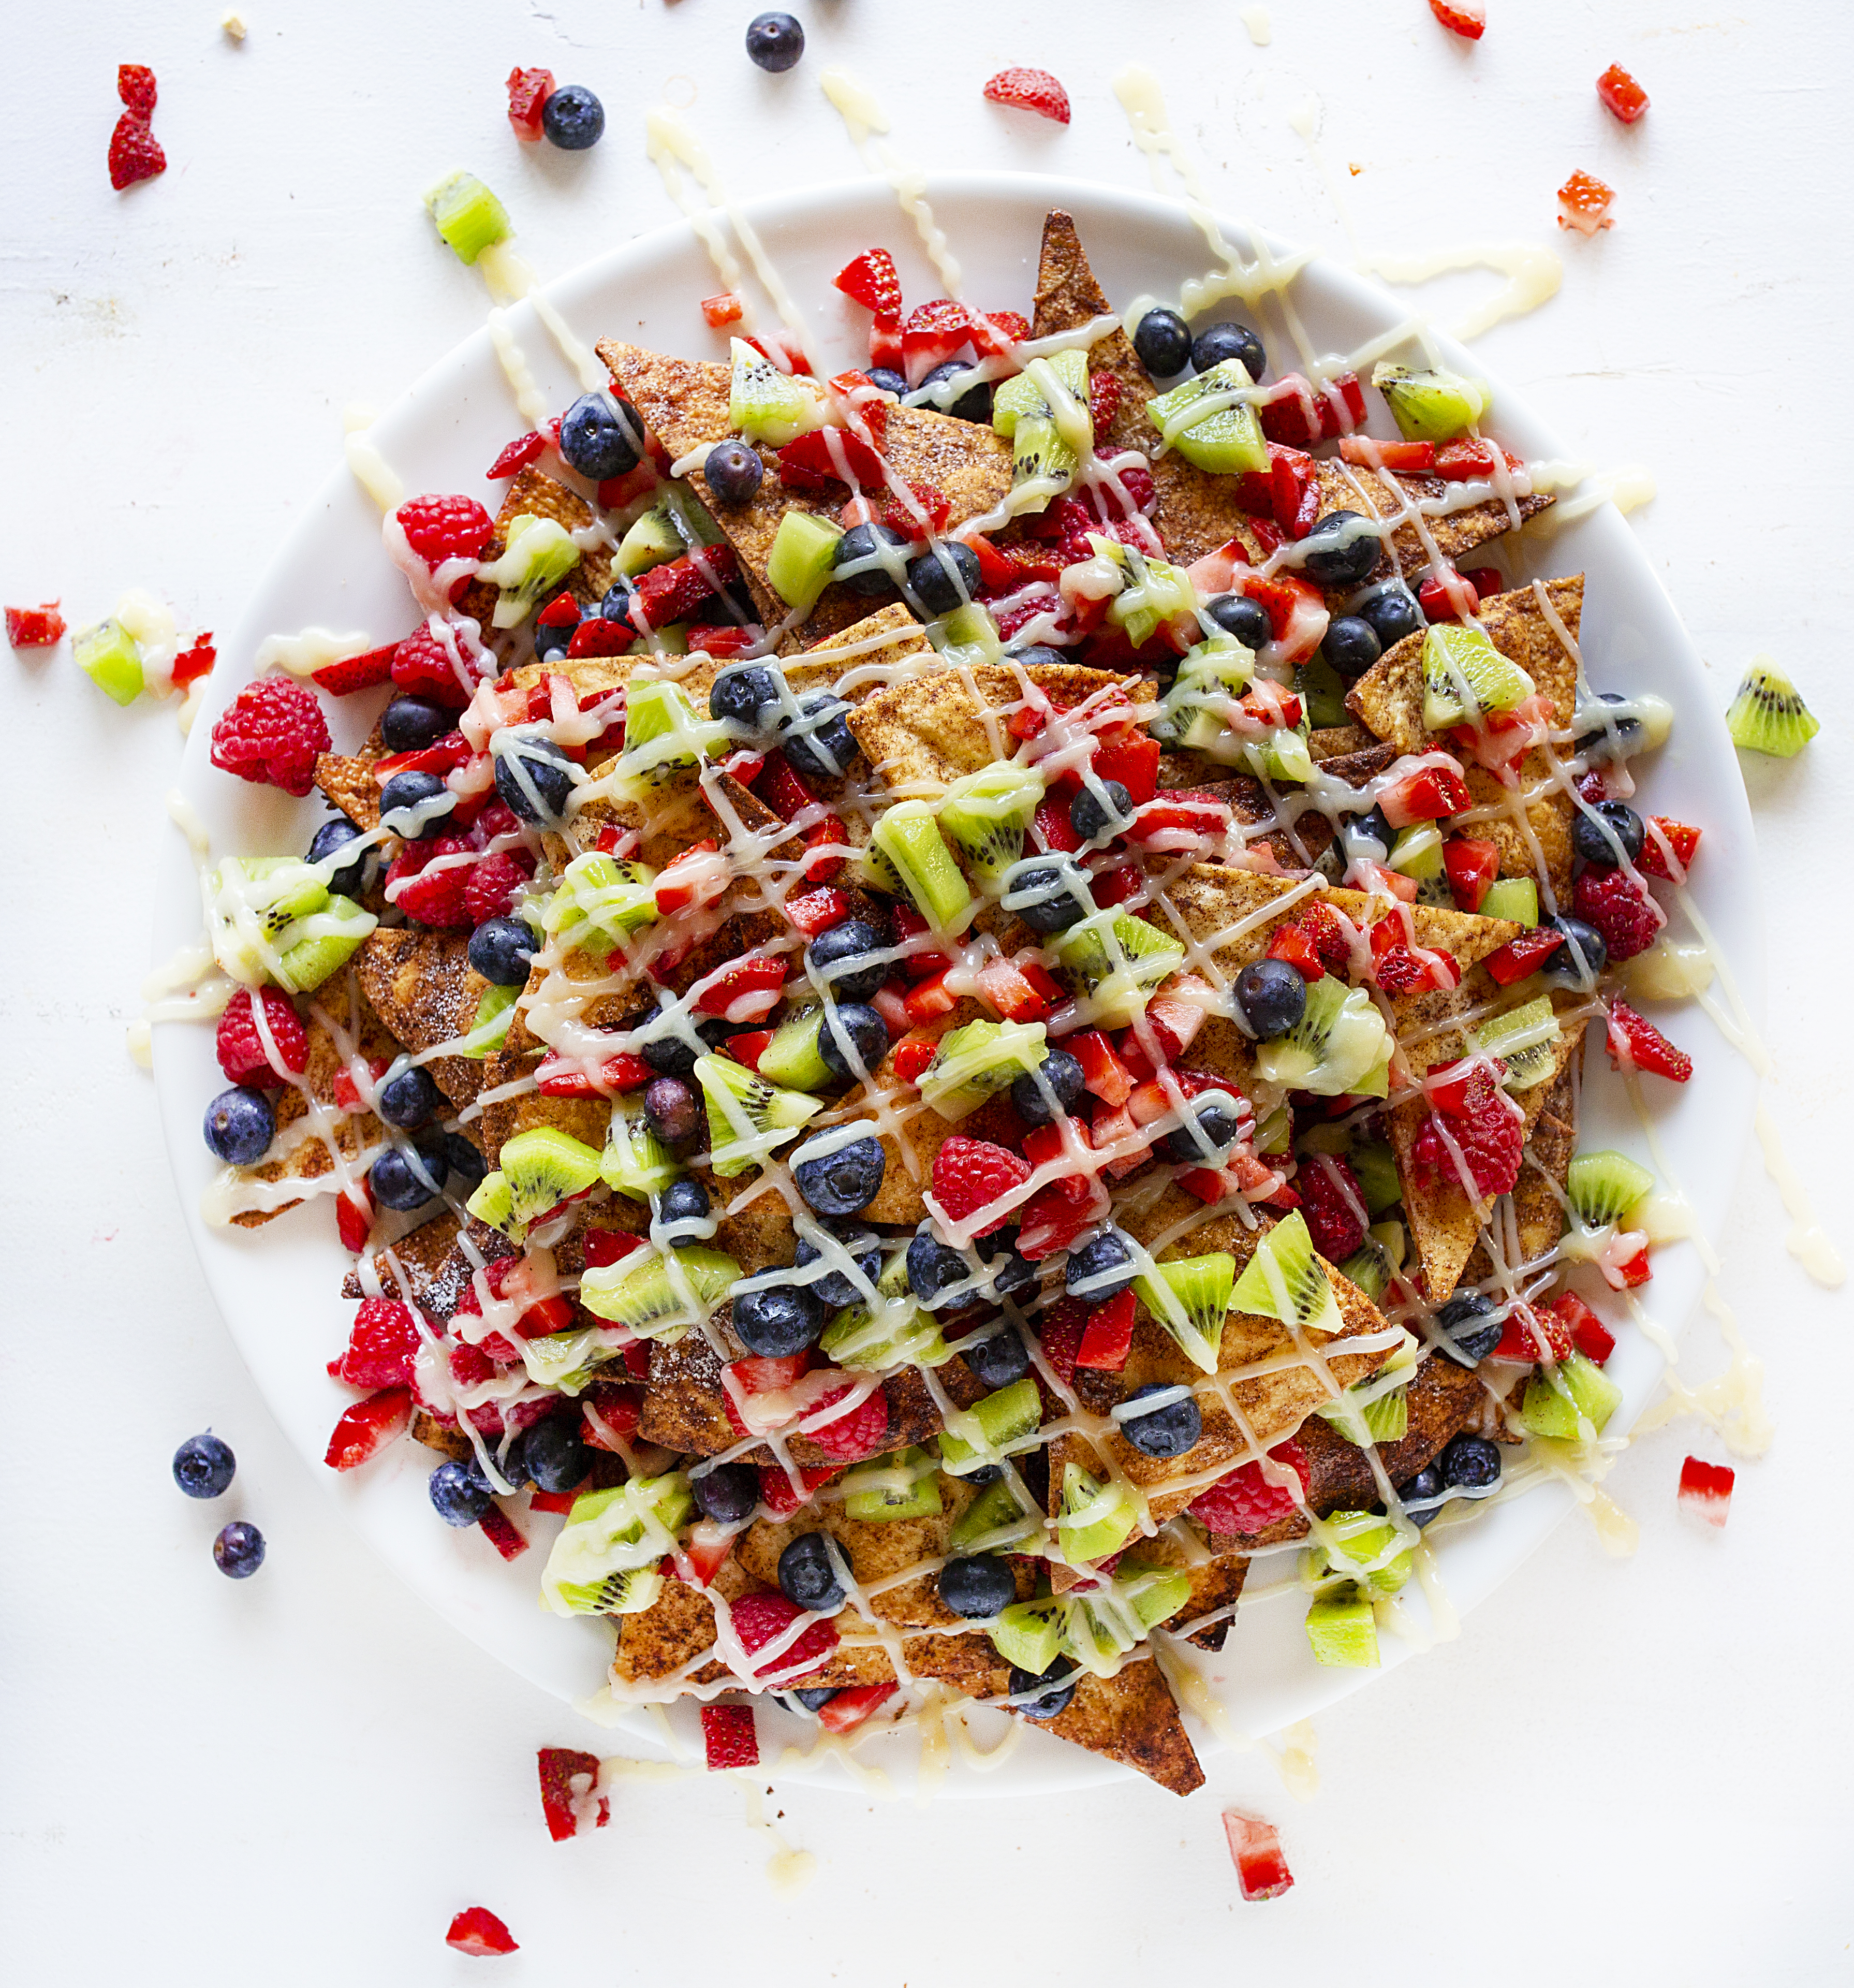 Fruit Nachos with Cream Cheese Glaze - Dessert Nachos